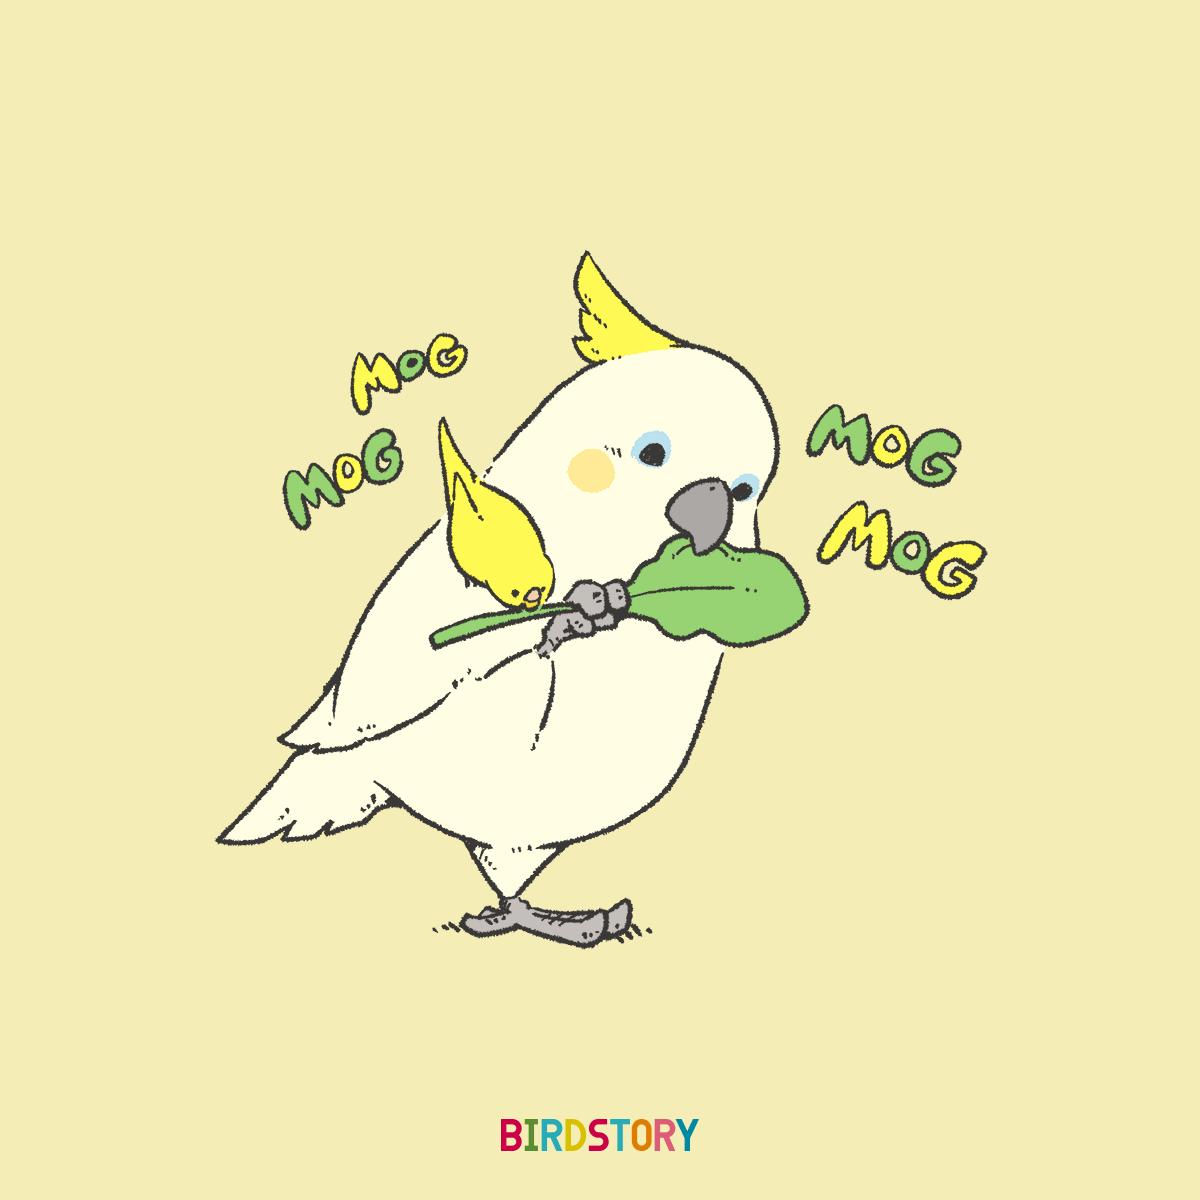 サラダ記念日 キバタンコバタン 小松菜イラスト